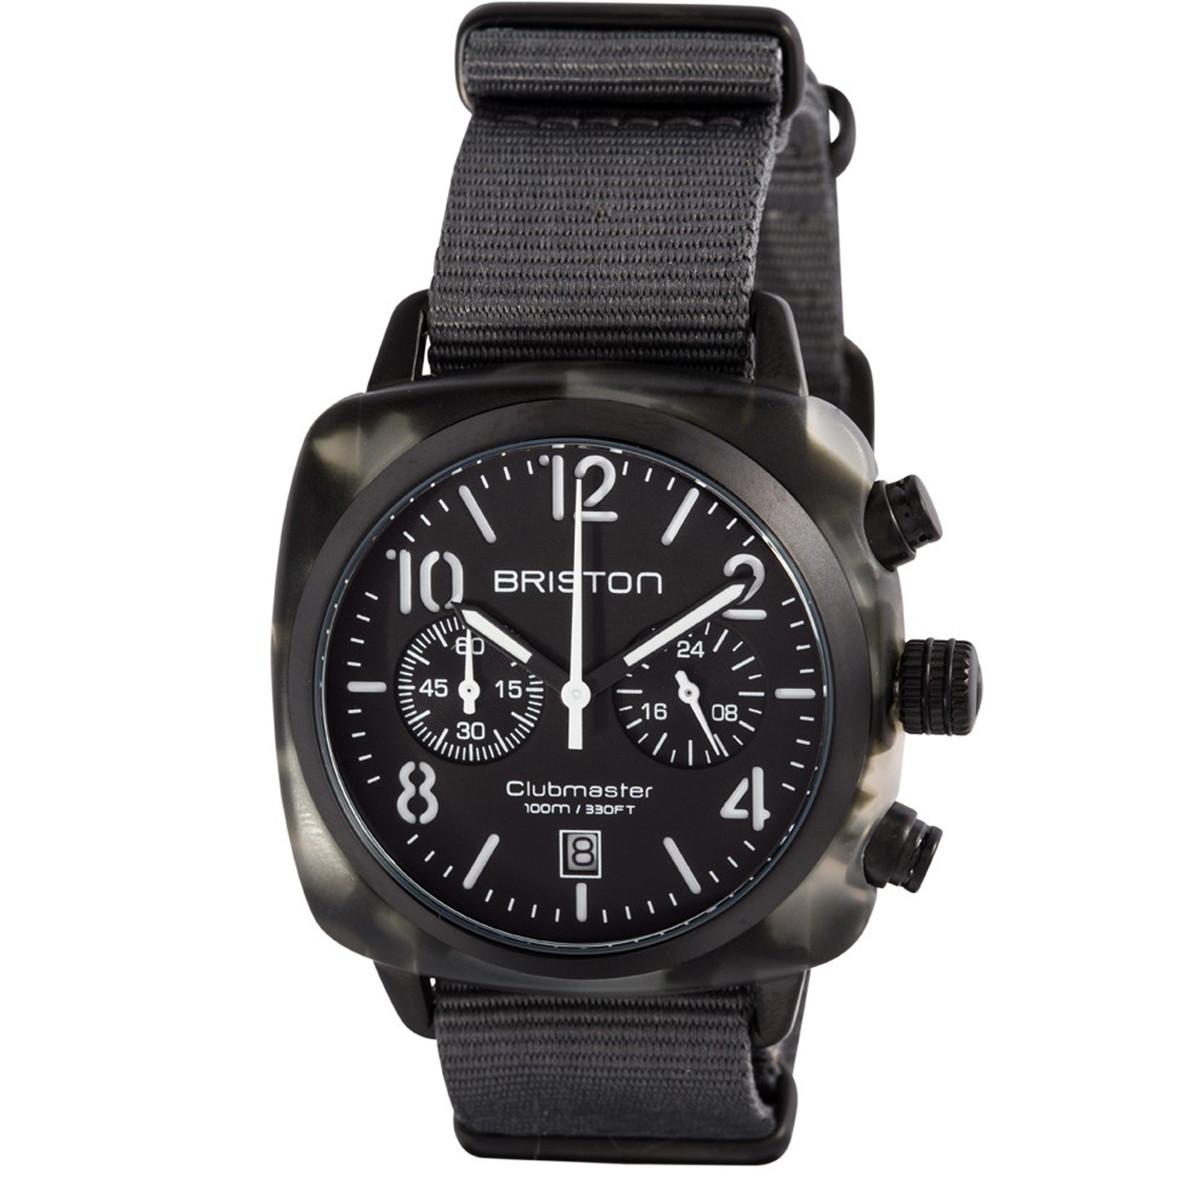 ブリストン BRISTON 公式通販 腕時計 クラブマスタークラシック クロノグラフ CLUBMASTER CLASSIC CHRONOGRAPH ALPINE WATCH